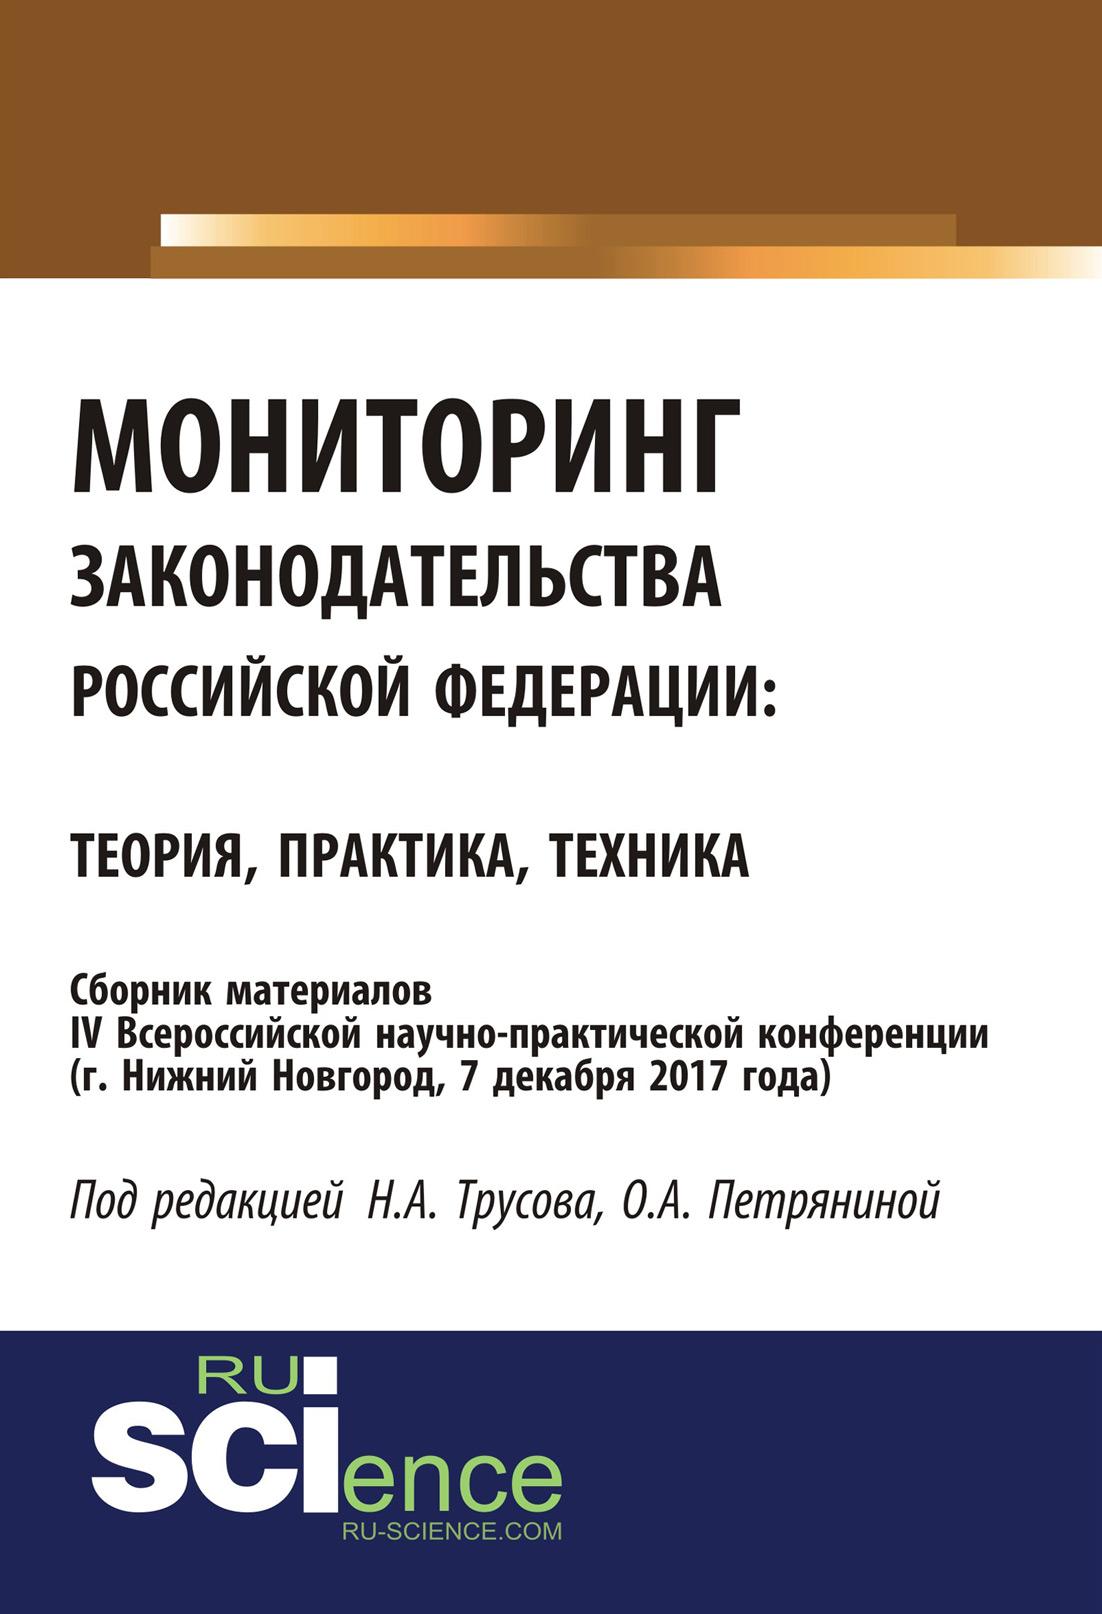 Мониторинг законодательства Российской Федерации: теория, практика, техника